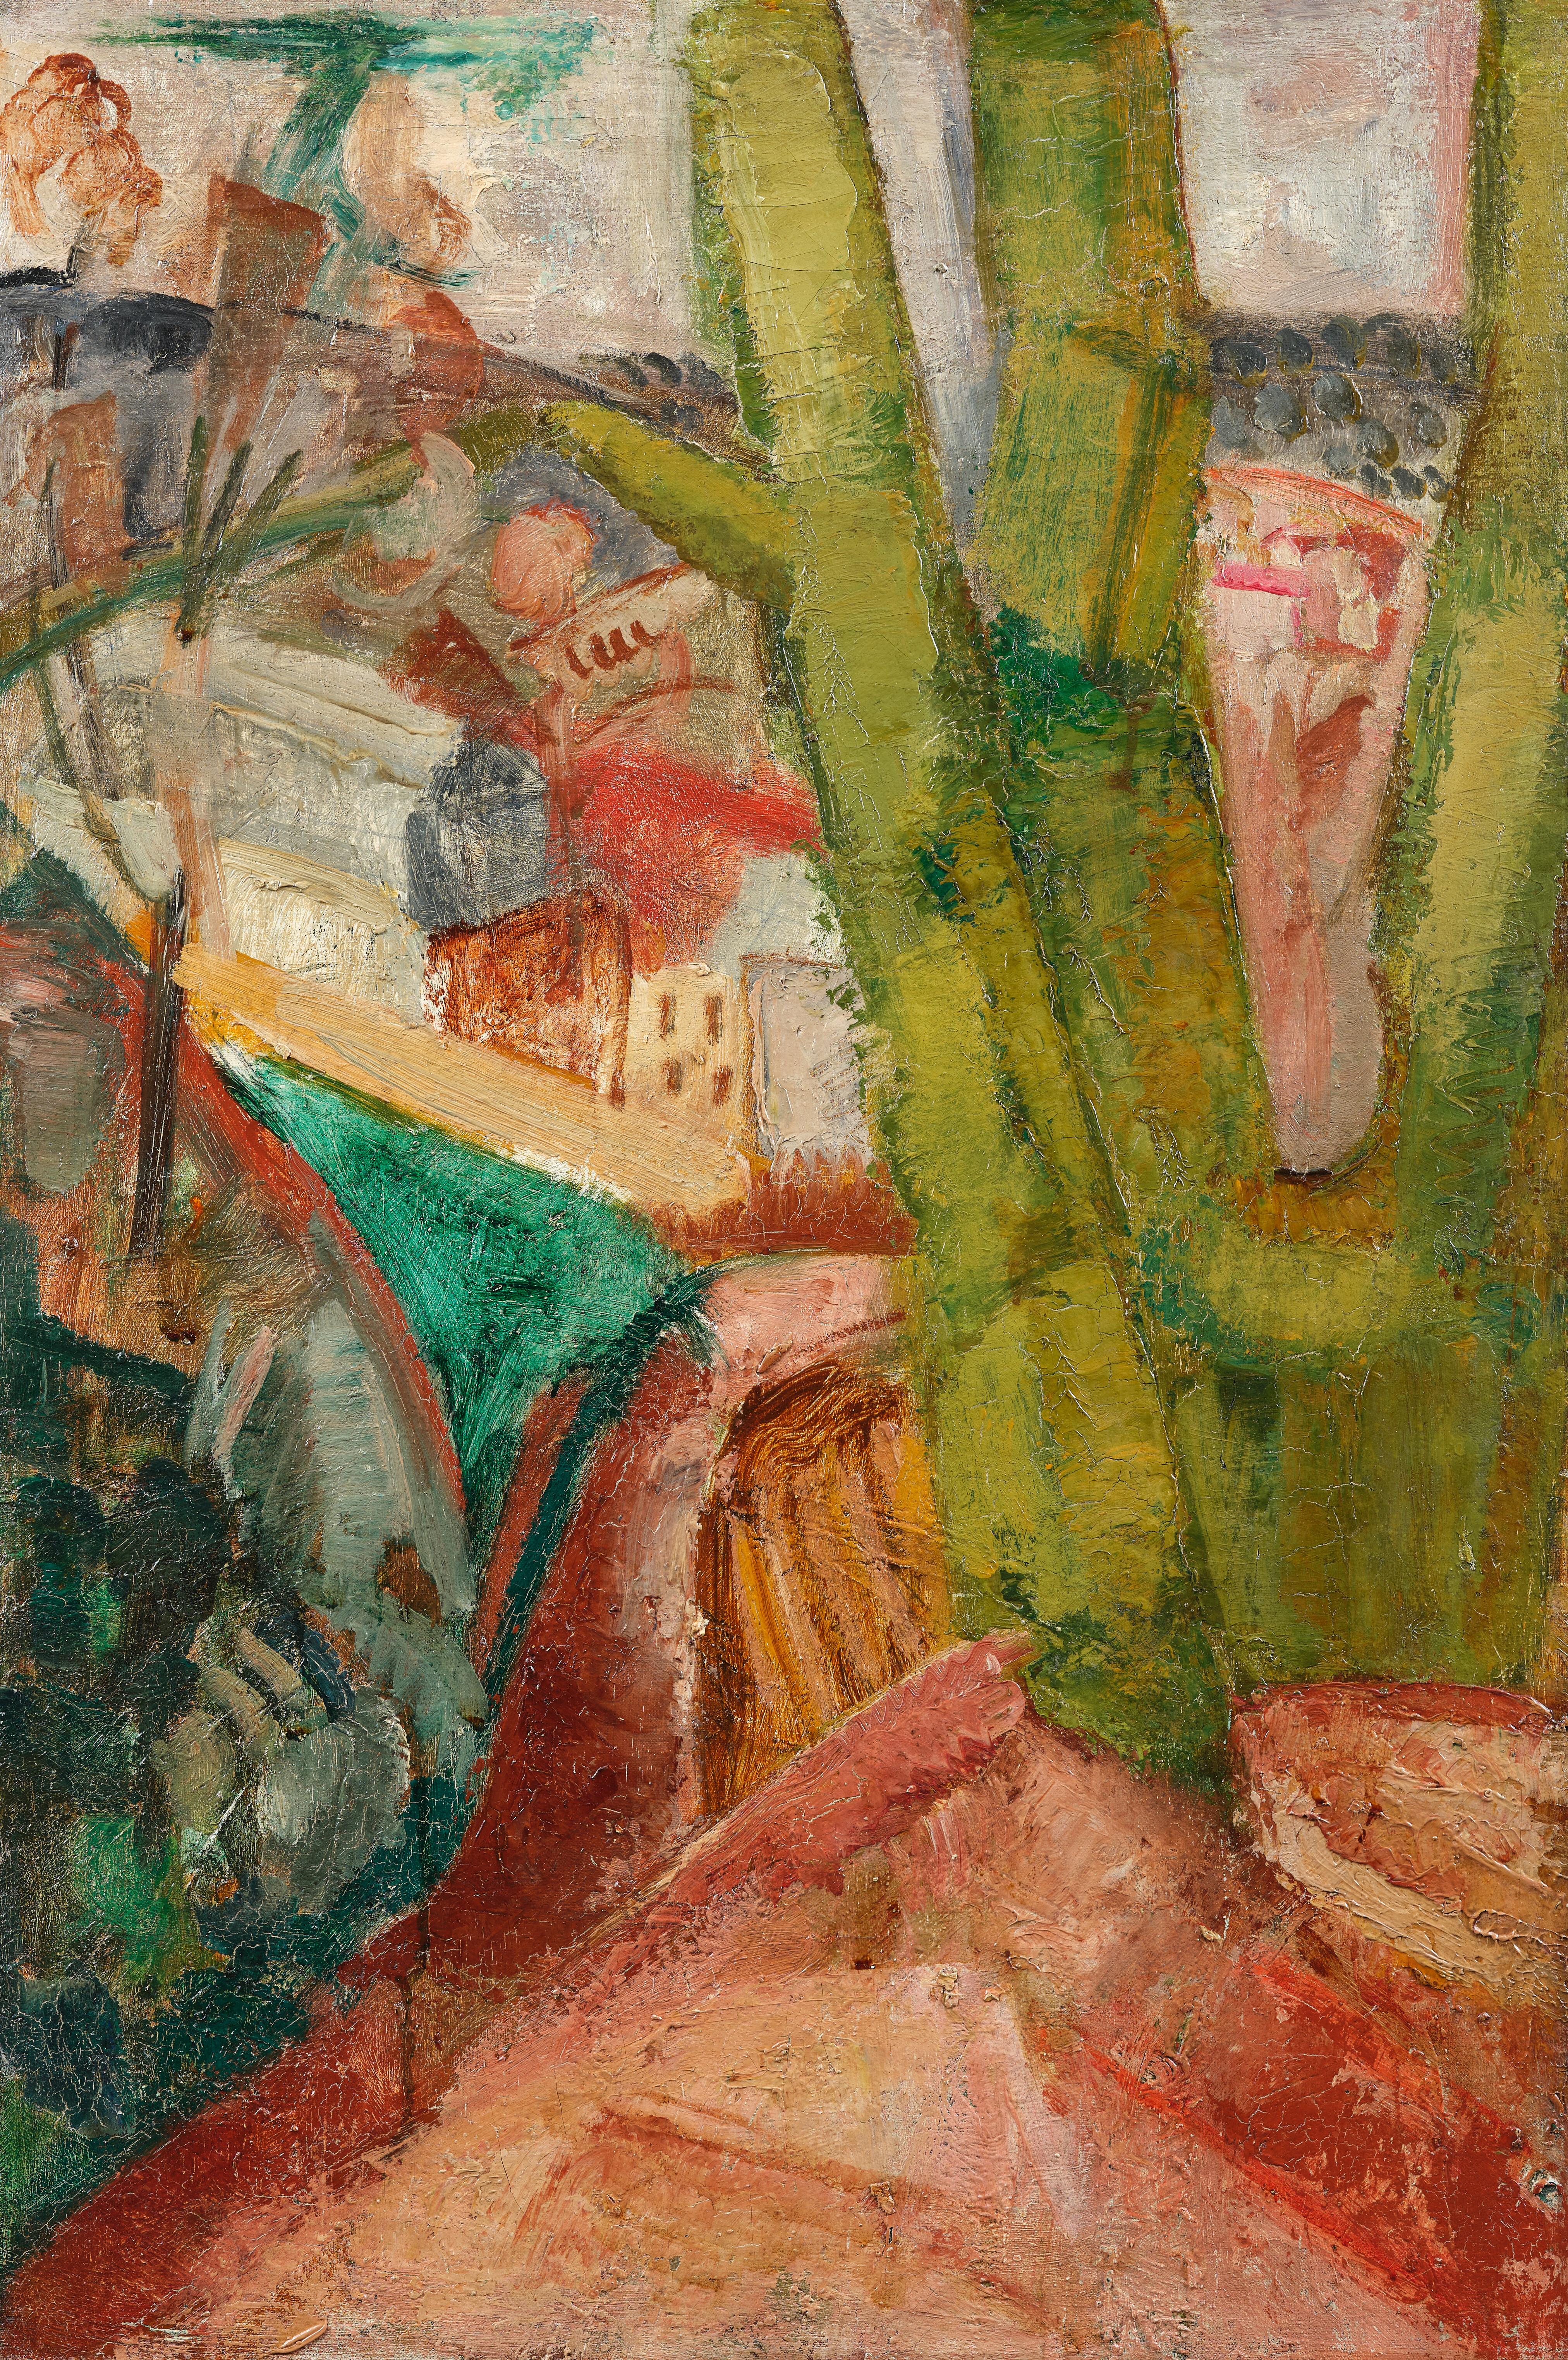 Paysage à l'arbre vert et aux toits rouges - tableau de André Favory, vendu par la galerie Marek & Sons